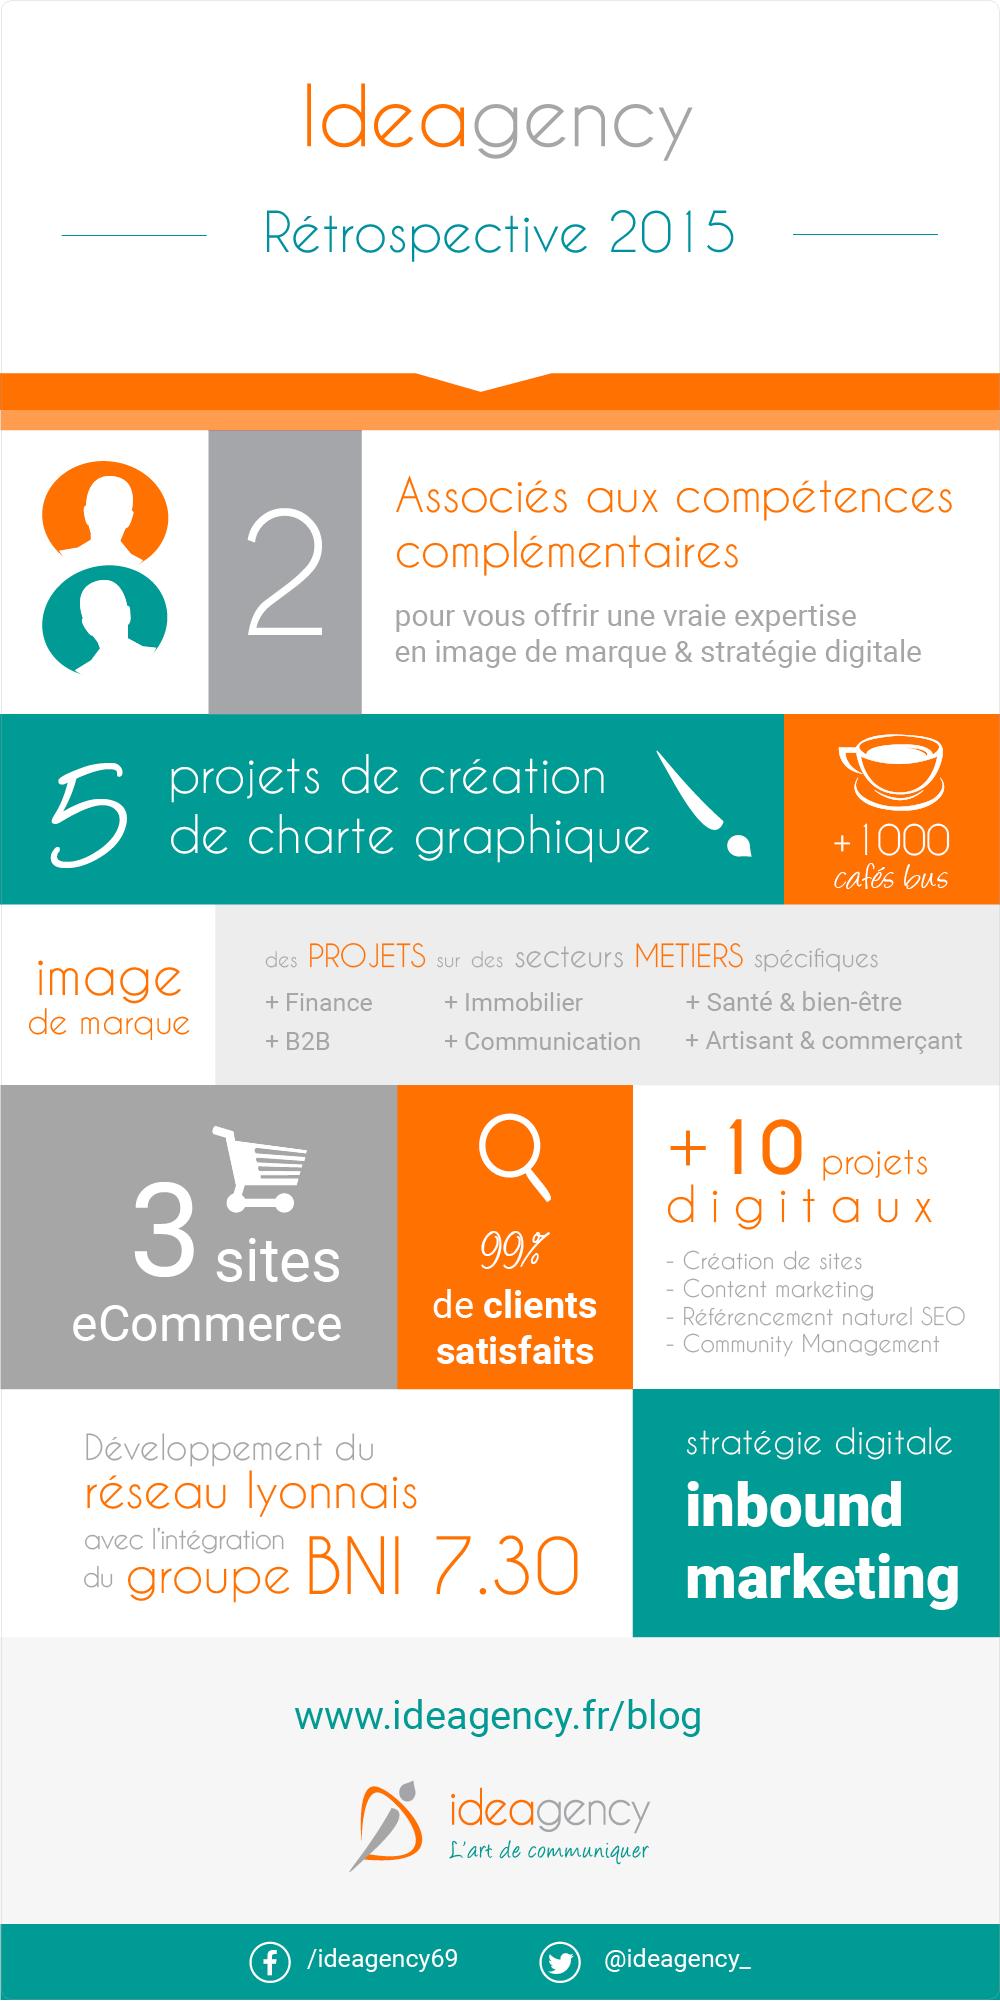 Ideagency, rétrospective 2015 en infographie